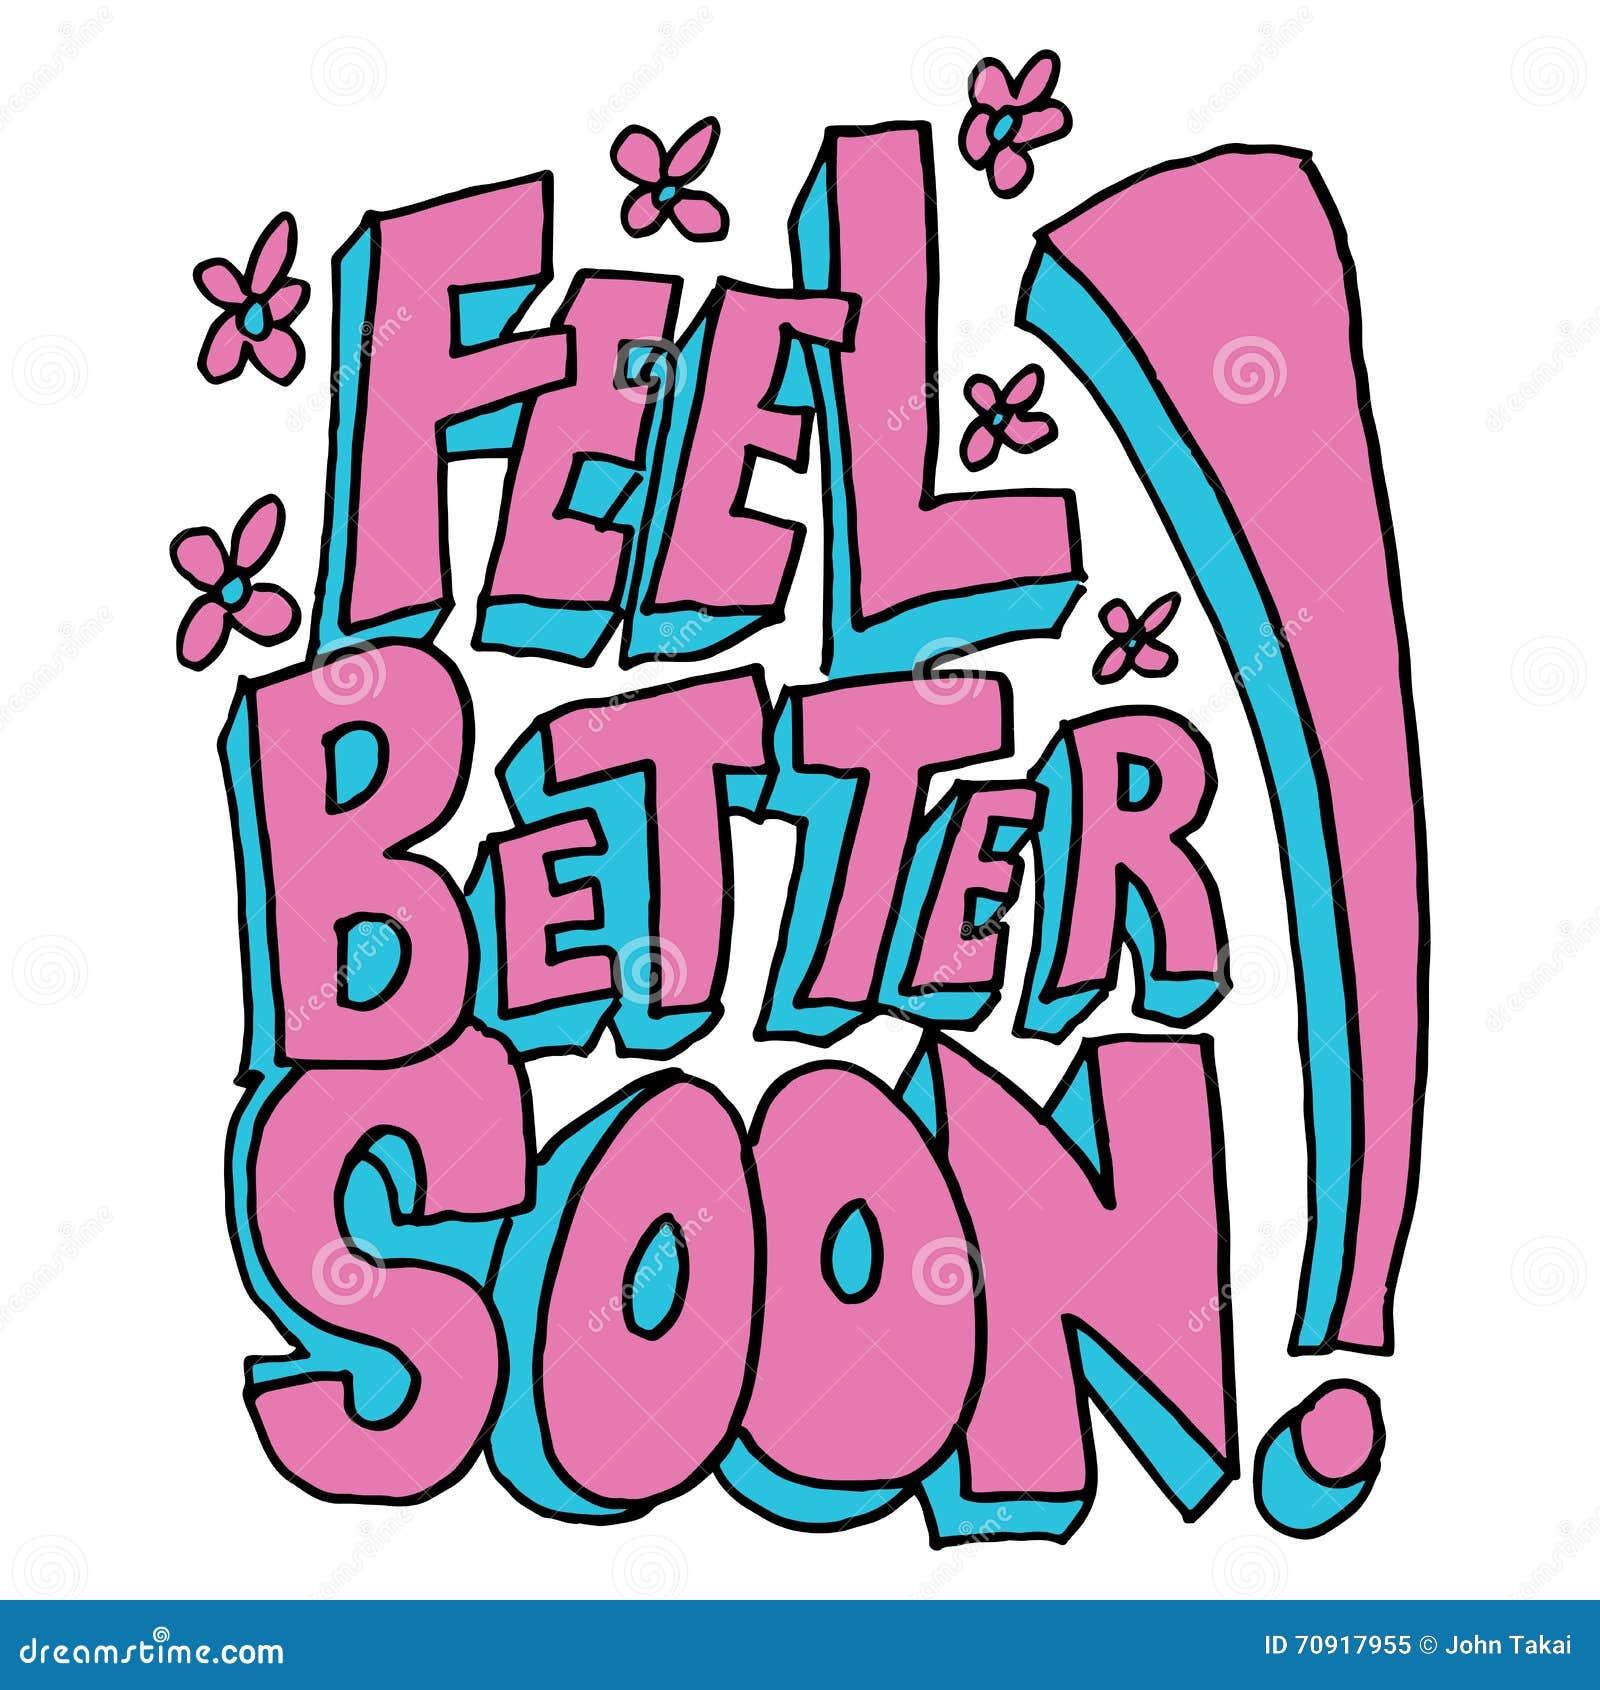 Сообщение чувства лучшее скоро